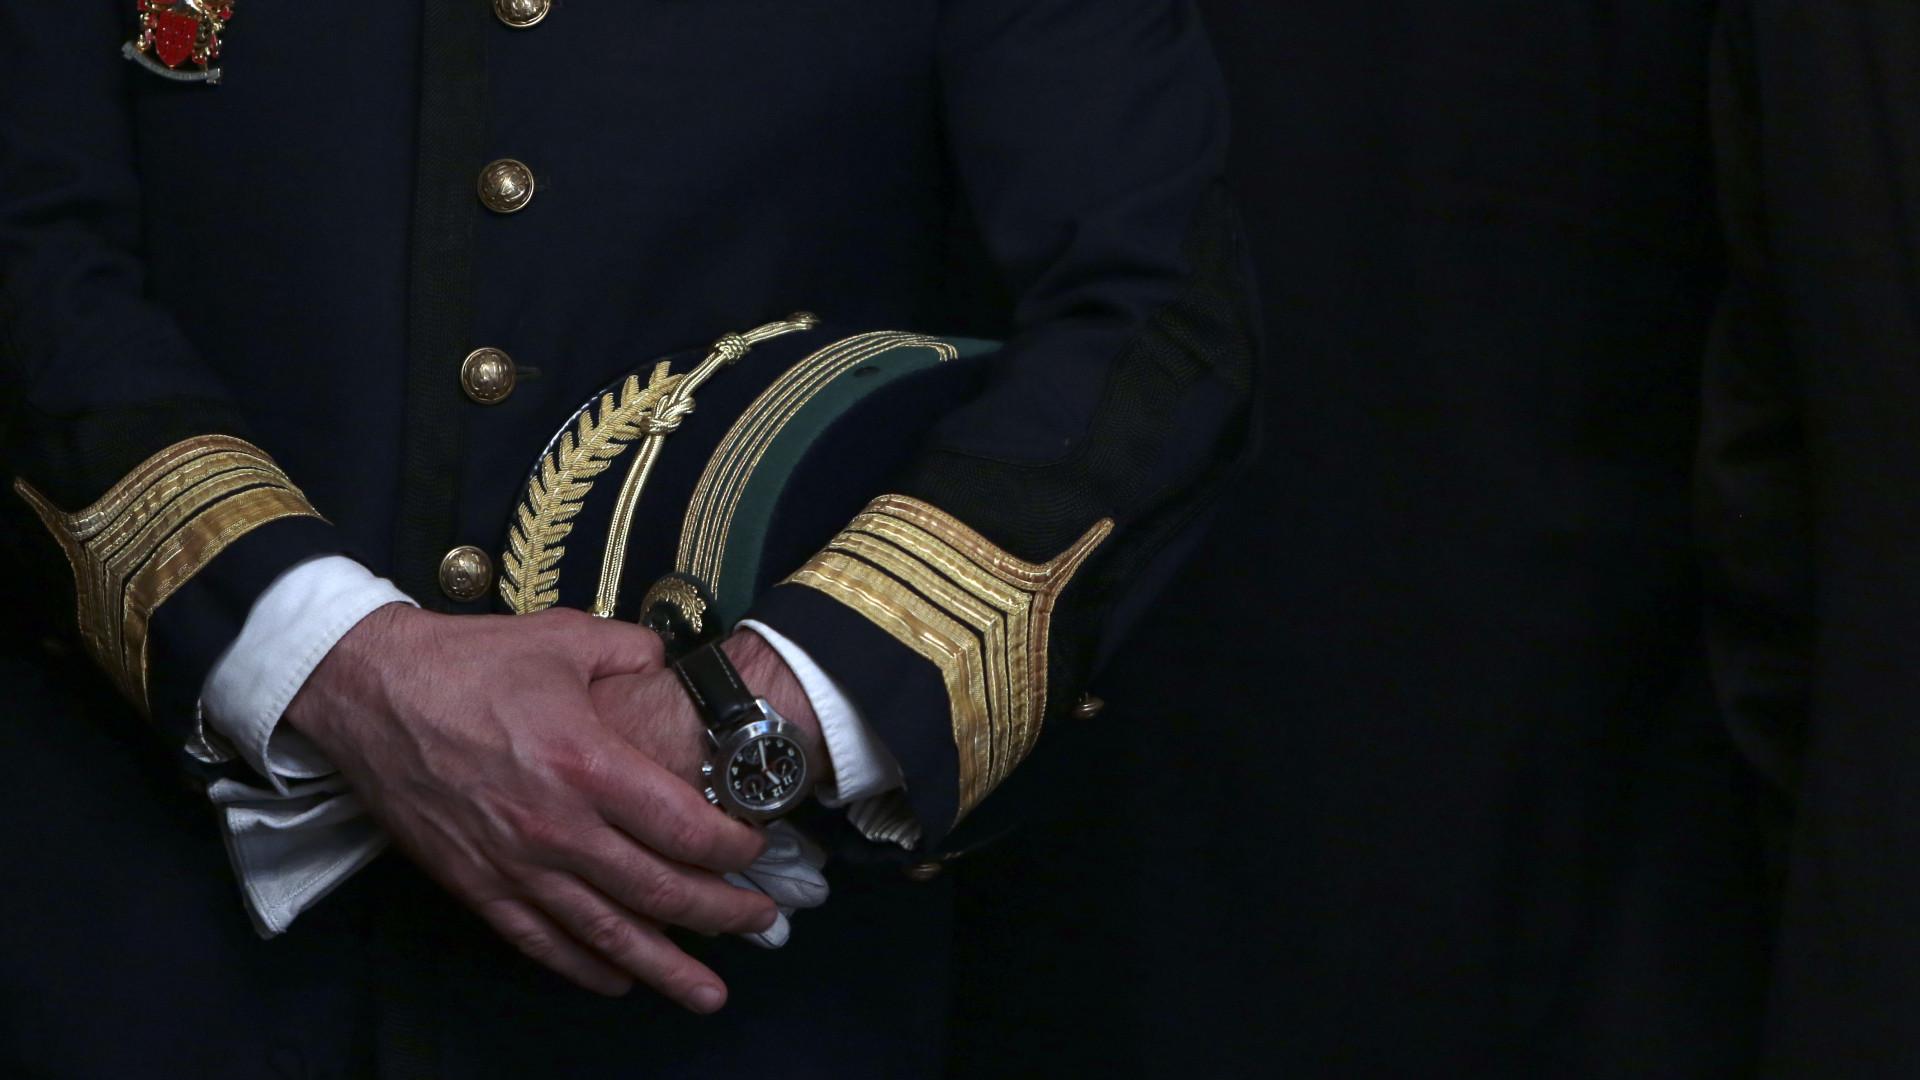 Militares da GNR acusados de agredirem homem no posto em 2015